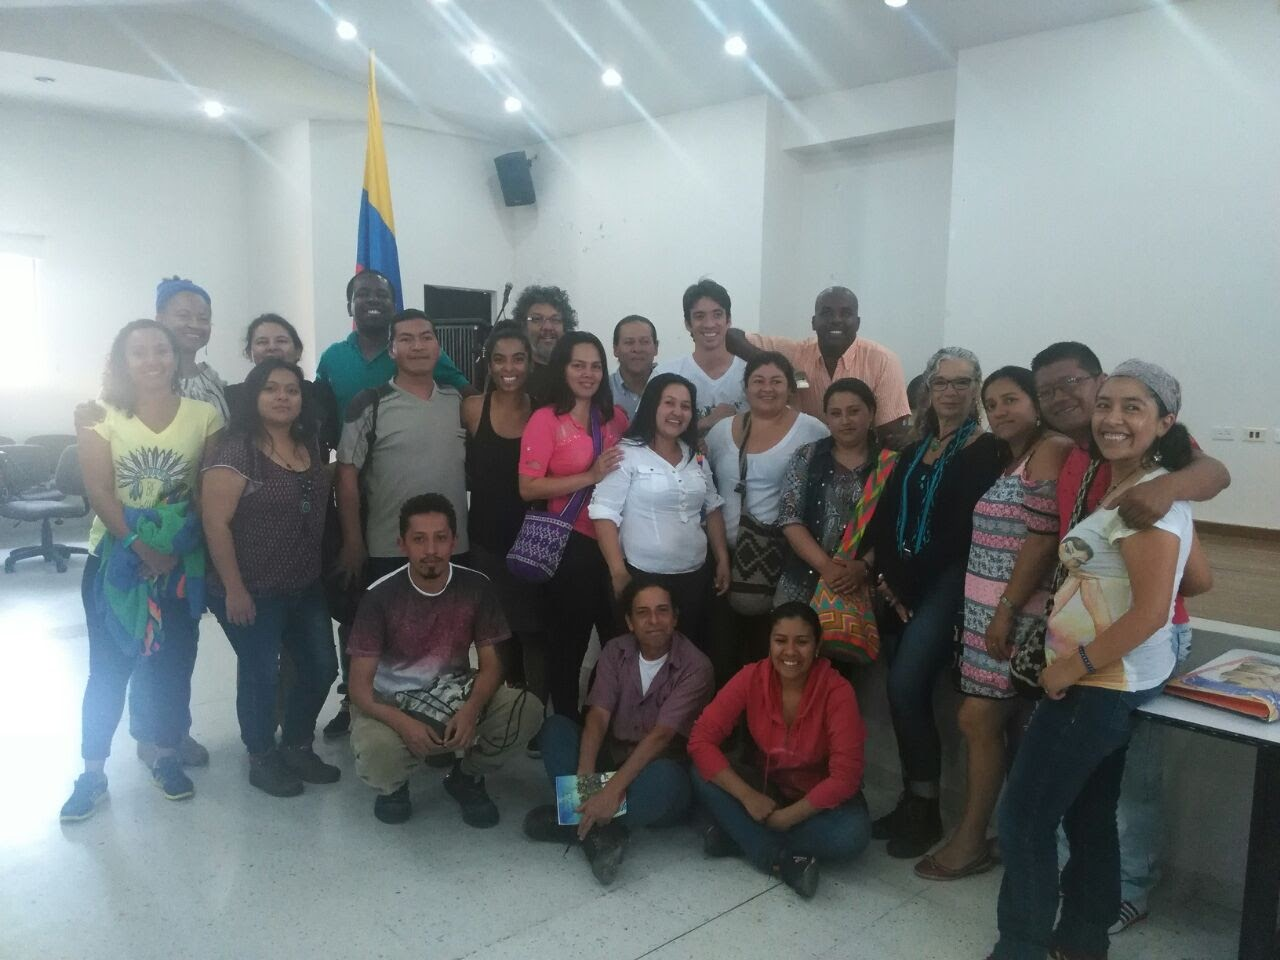 Universidad del Cauca, Popayán, Colombia - 2017.